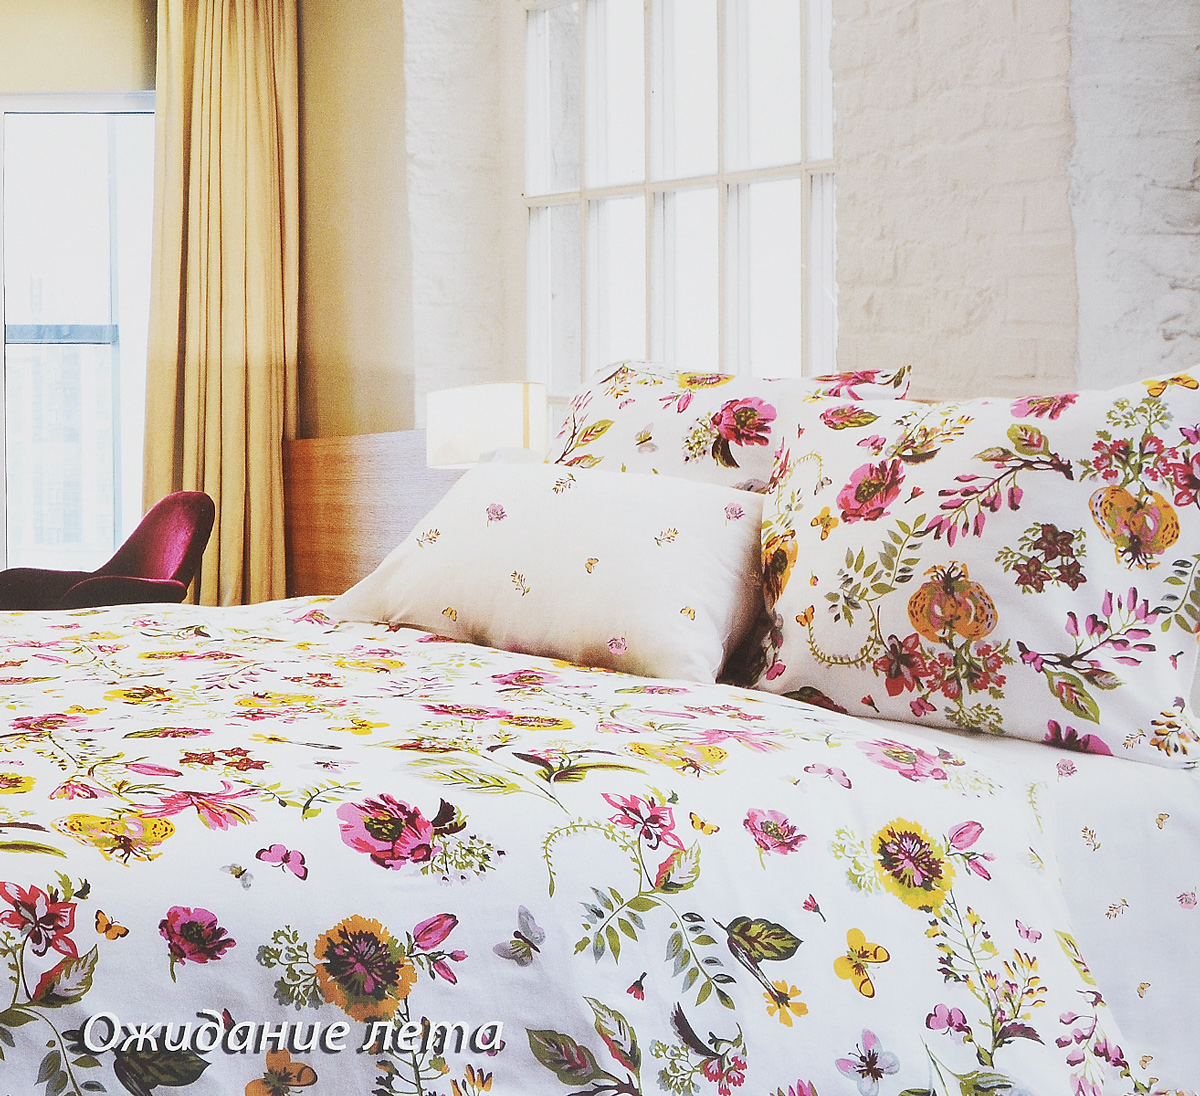 Комплект белья Tiffanys Secret Ожидание лета, евро, наволочки 70х70, цвет: белый, розовый, желтый391602Комплект постельного белья Tiffanys Secret Ожидание лета является экологически безопасным для всей семьи, так как выполнен из сатина (100% хлопок). Комплект состоит из пододеяльника, простыни и двух наволочек. Предметы комплекта оформлены оригинальным рисунком.Благодаря такому комплекту постельного белья вы сможете создать атмосферу уюта и комфорта в вашей спальне.Сатин - это ткань, навсегда покорившая сердца человечества. Ценившие роскошь персы называли ее атлас, а искушенные в прекрасном французы - сатин. Секрет высококачественного сатина в безупречности всего технологического процесса. Эту благородную ткань делают только из отборной натуральной пряжи, которую получают из самого лучшего тонковолокнистого хлопка. Благодаря использованию самой тонкой хлопковой нити получается необычайно мягкое и нежное полотно. Сатиновое постельное белье превращает жаркие летние ночи в прохладные и освежающие, а холодные зимние - в теплые и согревающие. Сатин очень приятен на ощупь, постельное белье из него долговечно, выдерживает более 300 стирок, и лишь спустя долгое время материал начинает немного тускнеть. Оцените все достоинства постельного белья из сатина, выбирая самое лучшее для себя!